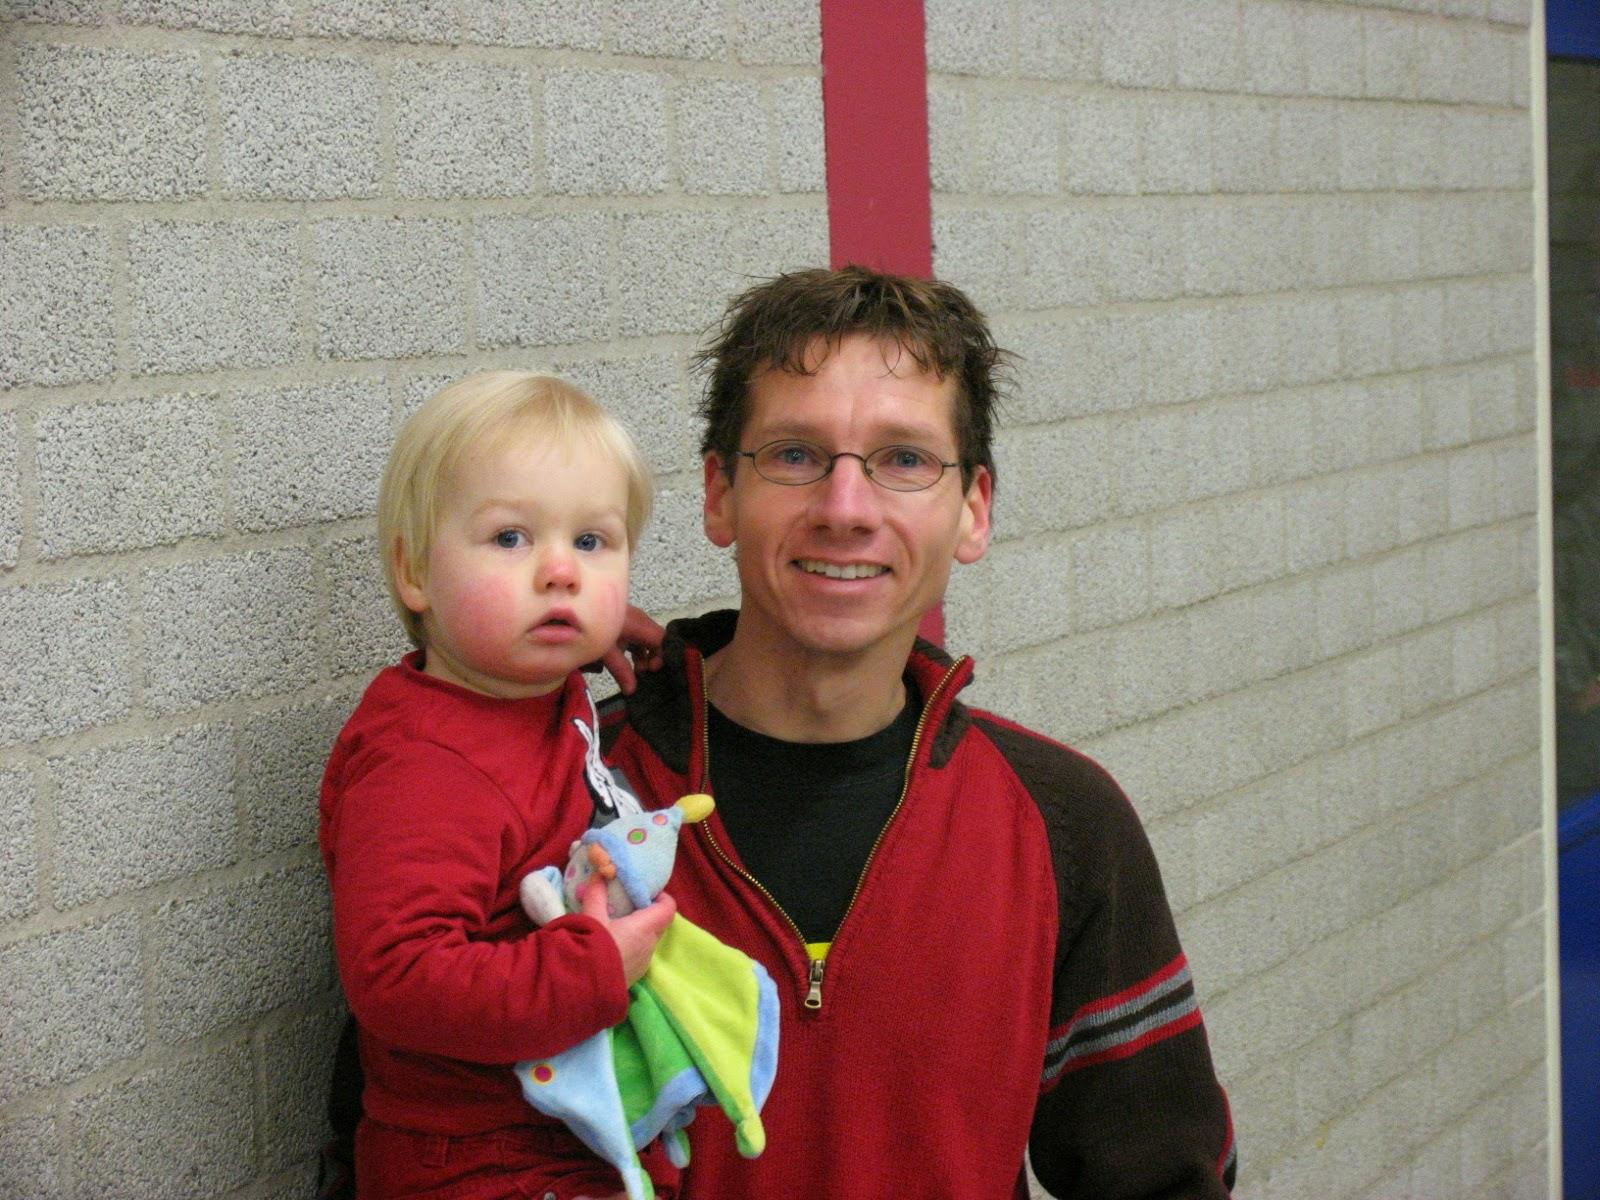 Hooglandse Kampioenschappen 2009